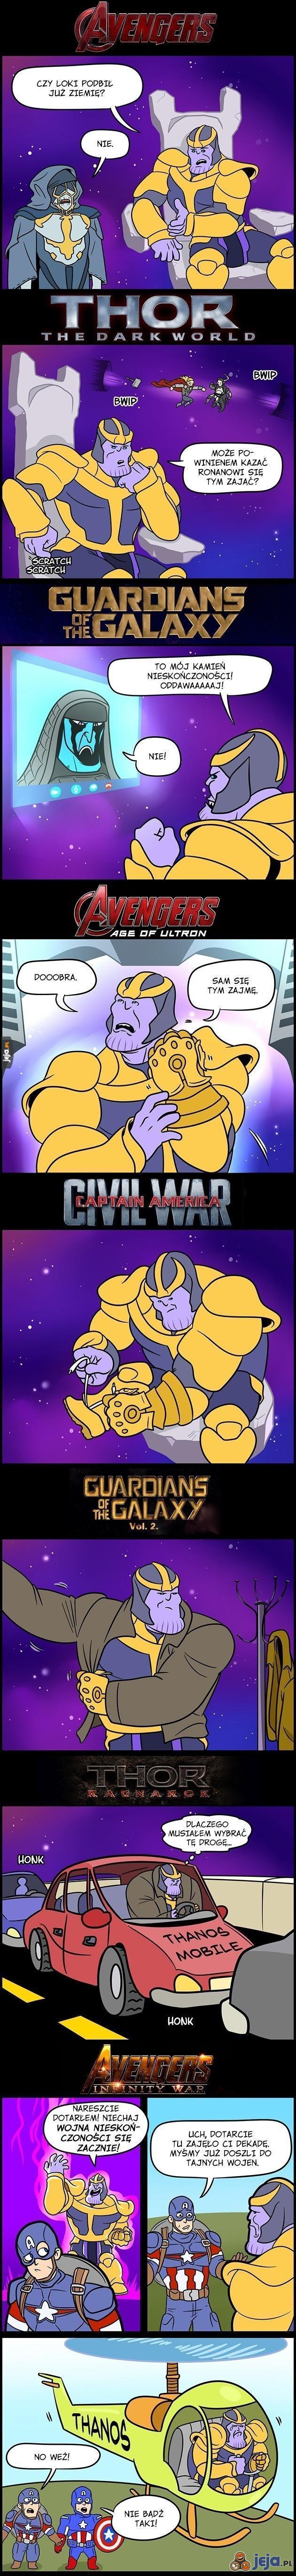 Gdzie ten Thanos?